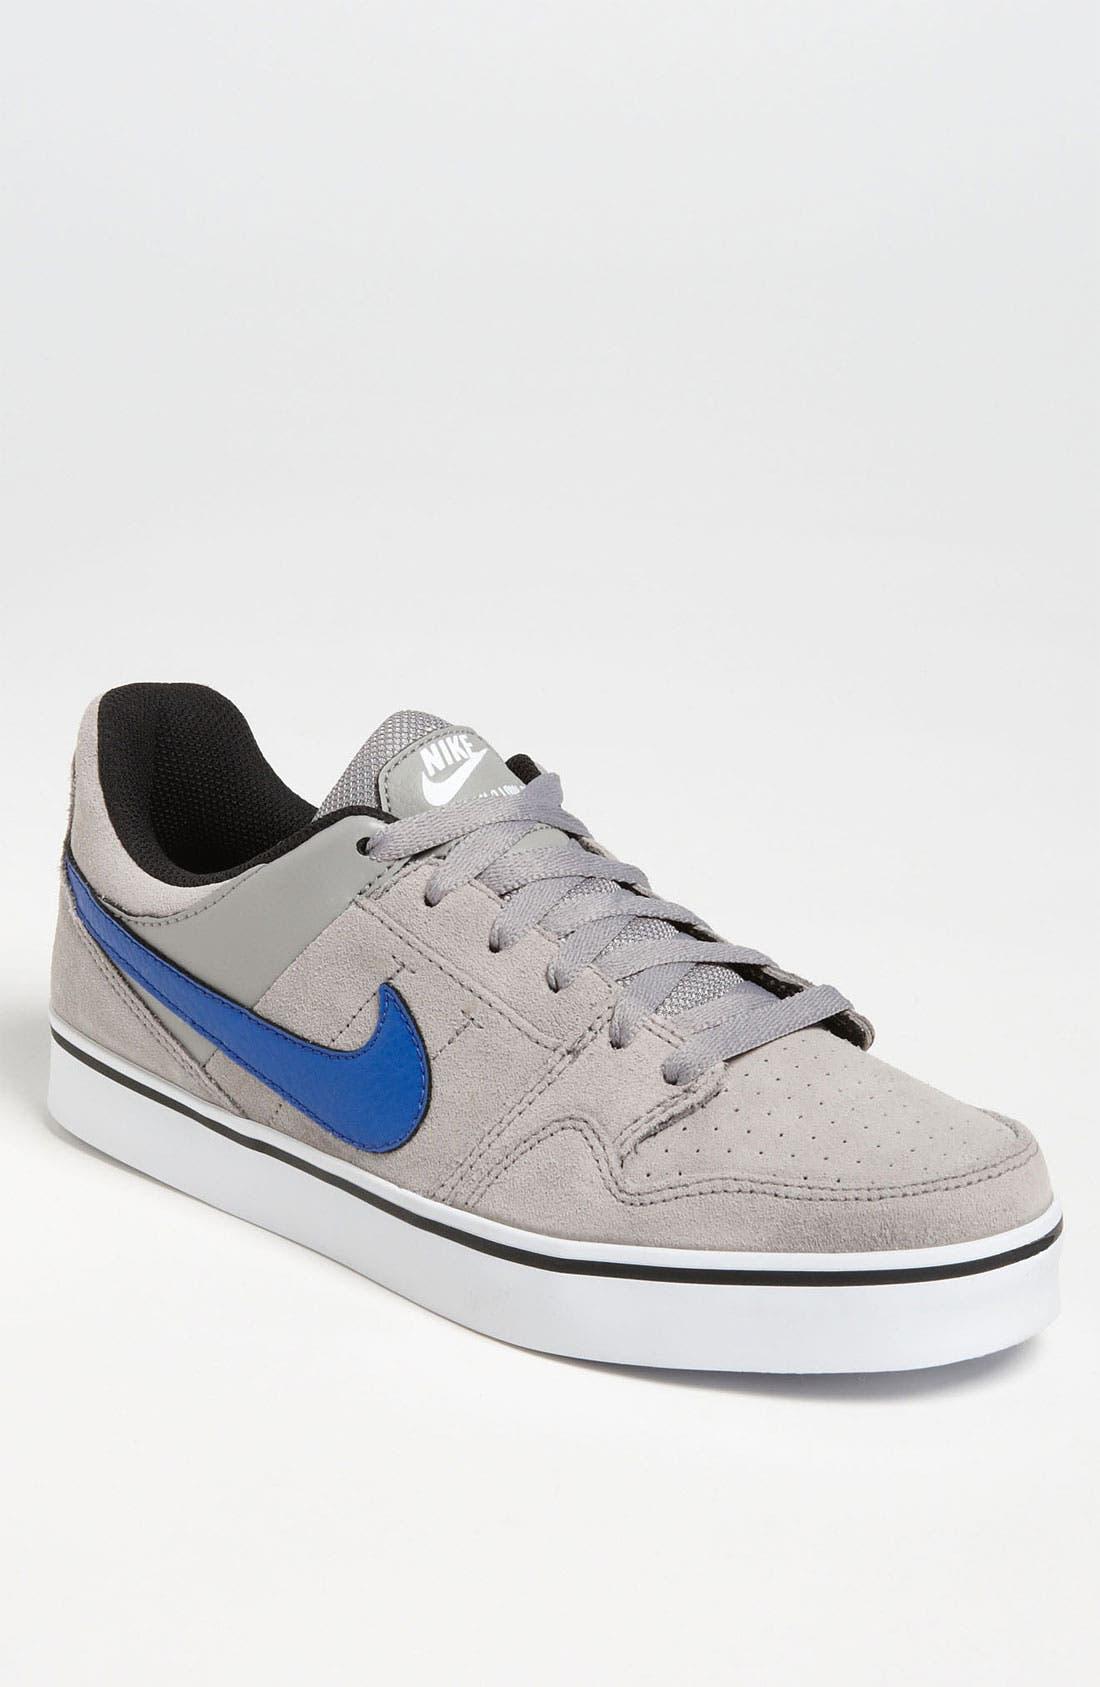 Main Image - Nike 'Mogan 2 SE' Sneaker (Men)